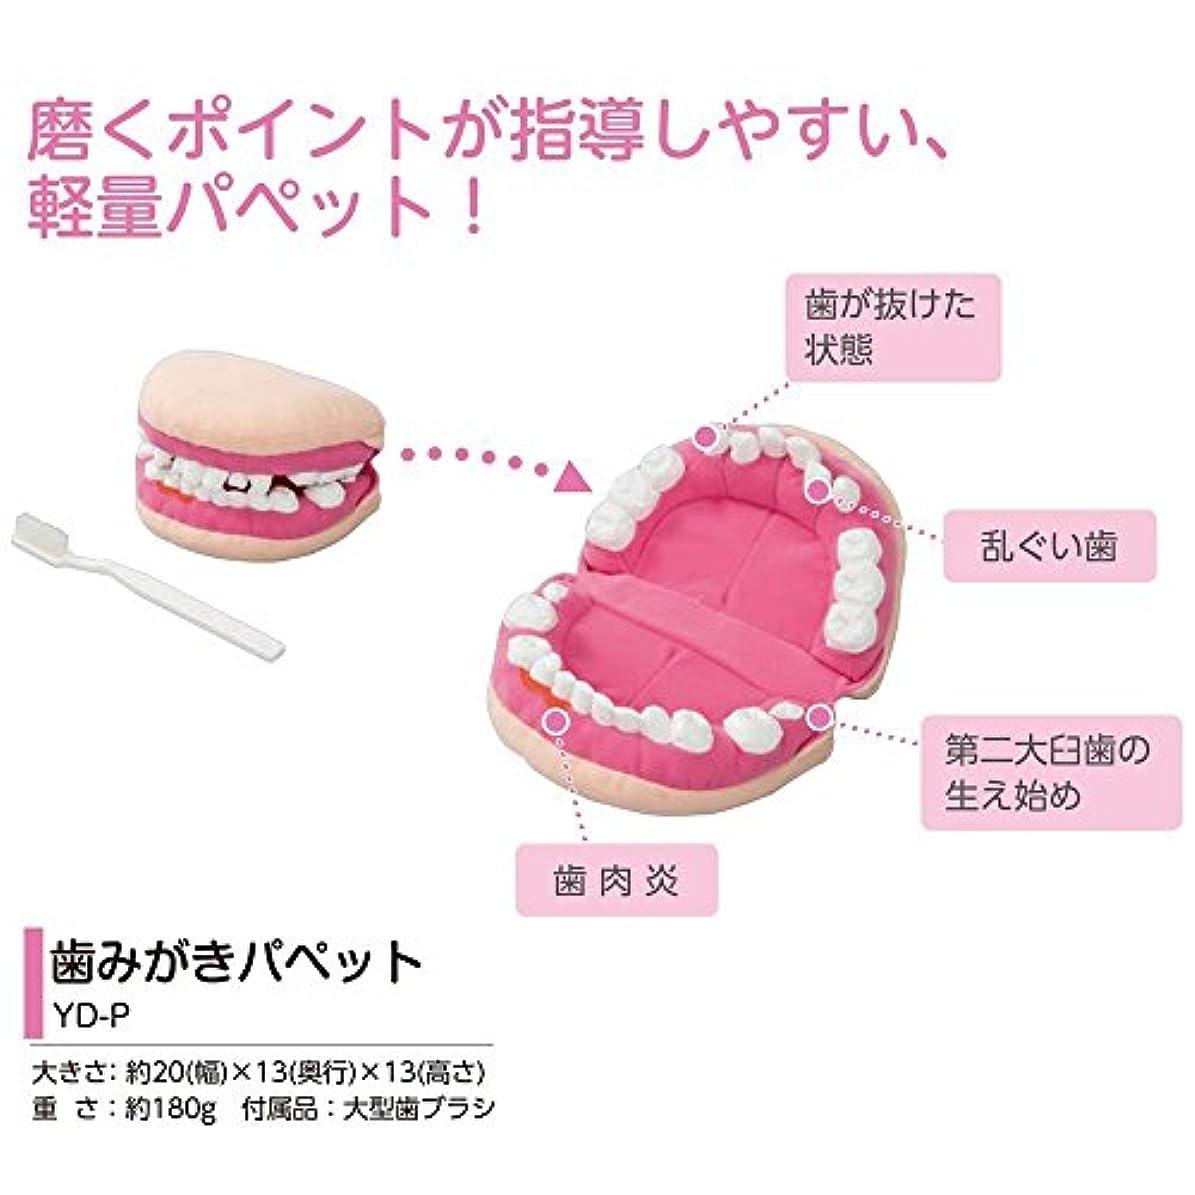 名前アジア写真の歯磨き指導用パペット YD-P 人形 ぬいぐるみ 歯みがきパペット